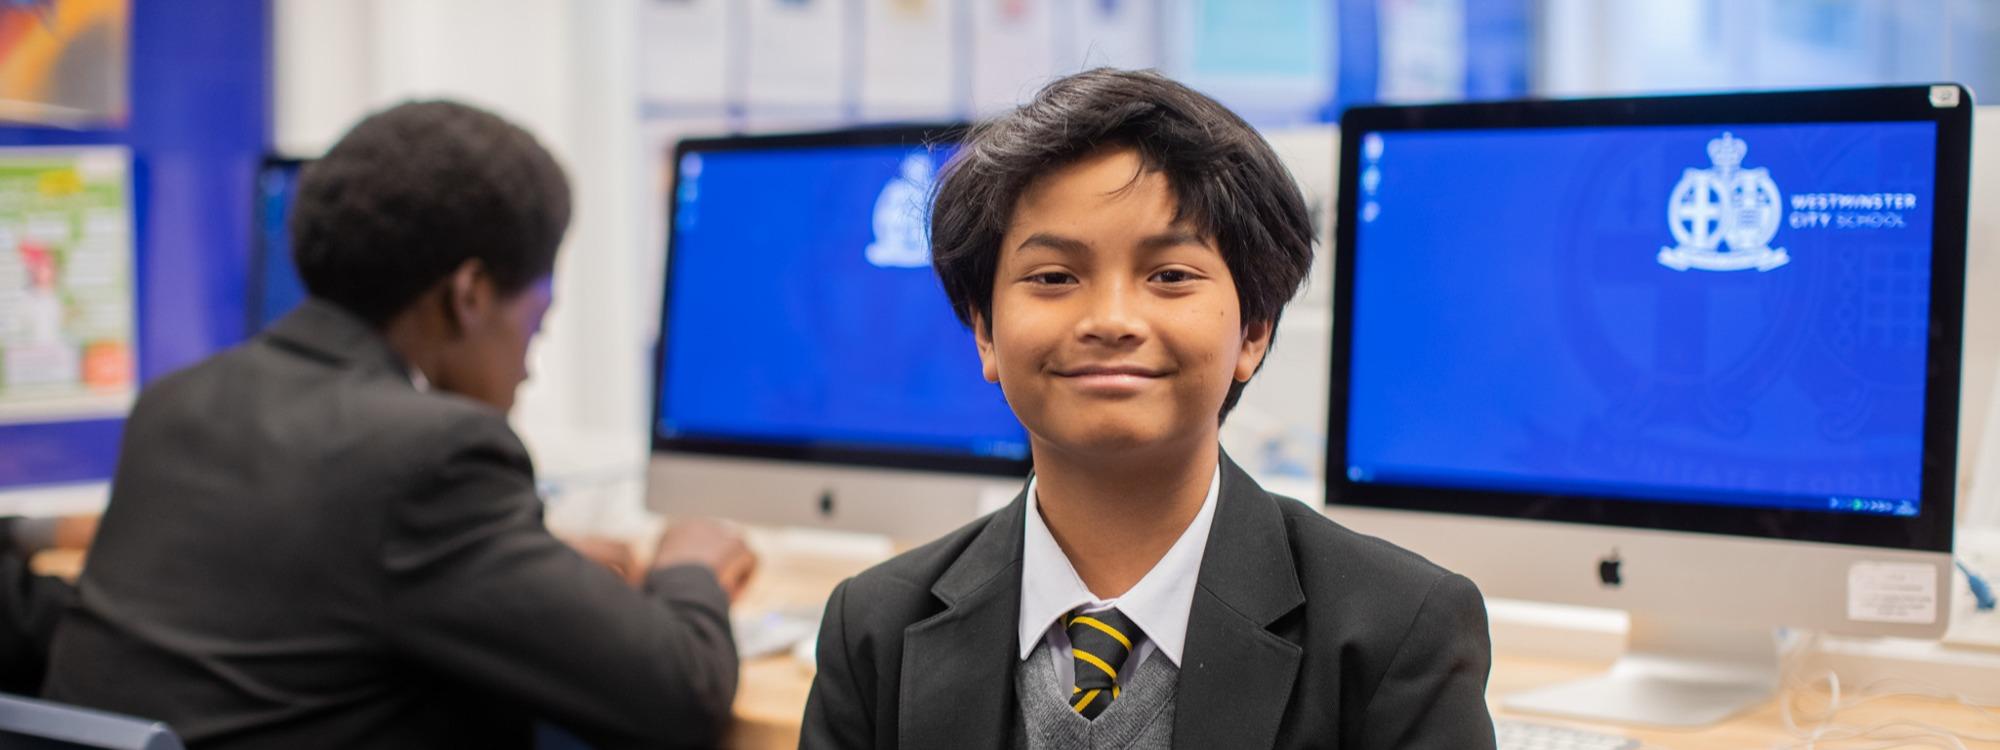 Y7 boy with computer